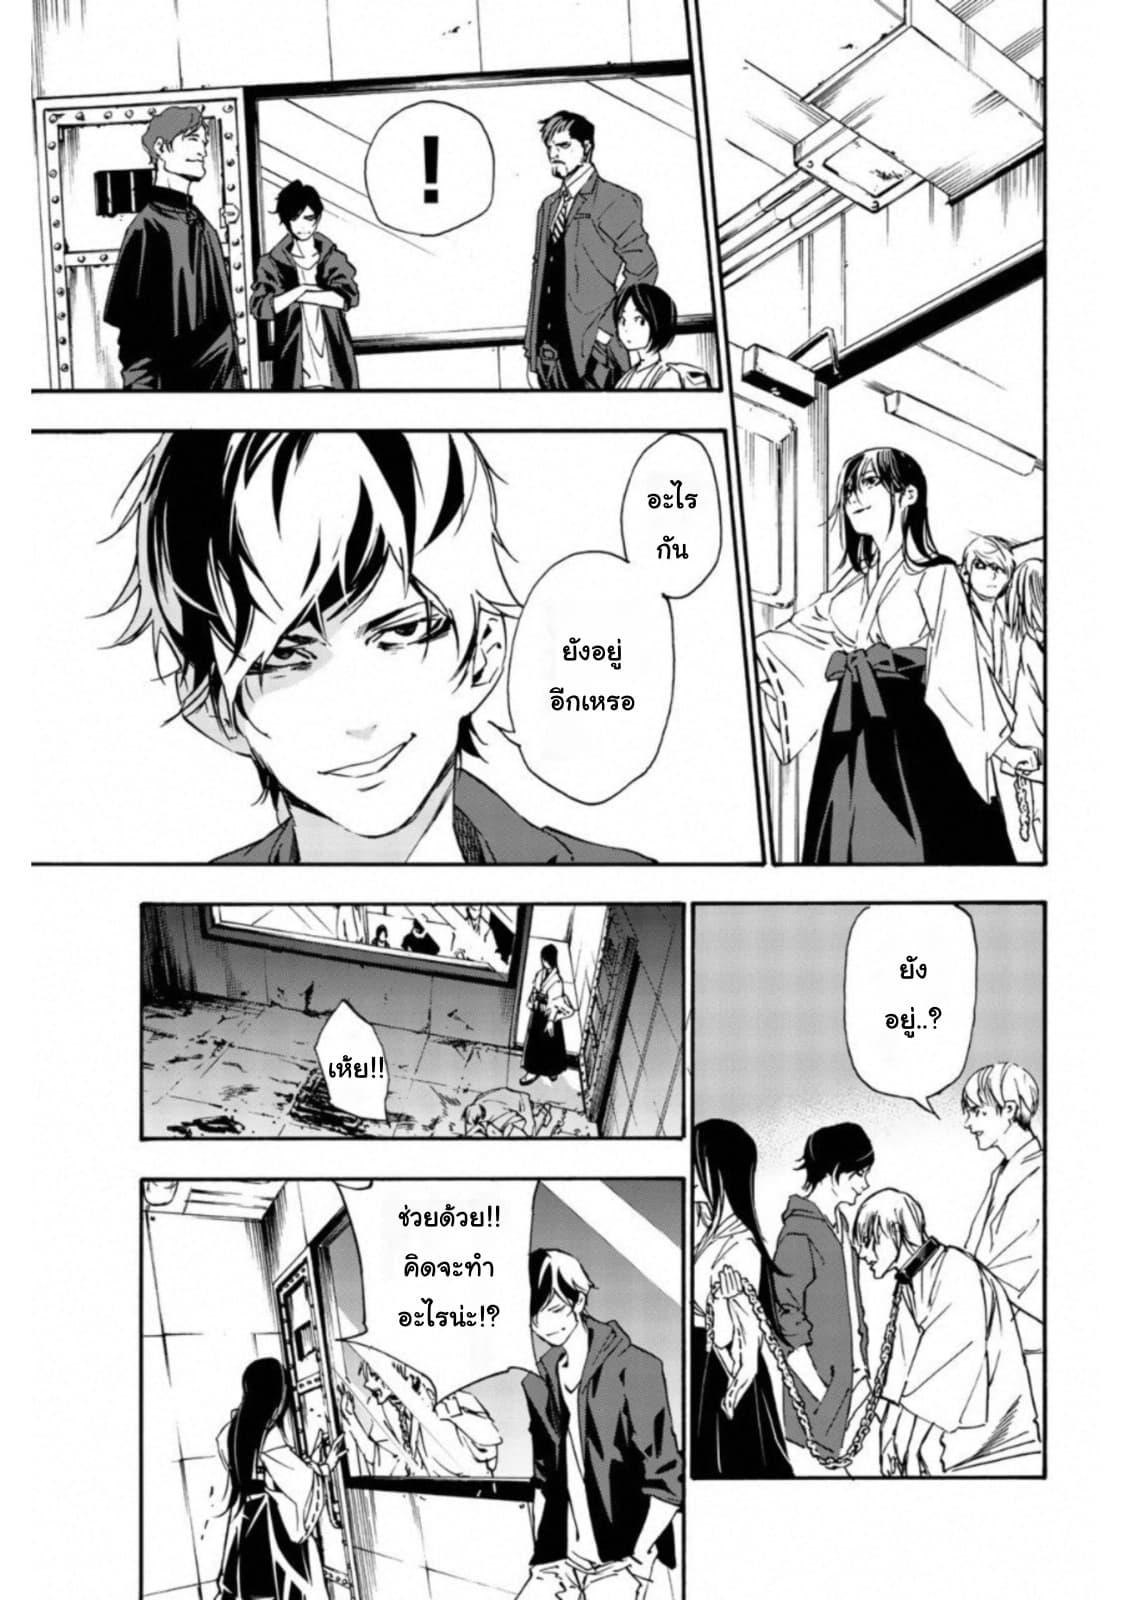 อ่านการ์ตูน Zetsubou no Rakuen ตอนที่ 11 หน้าที่ 14